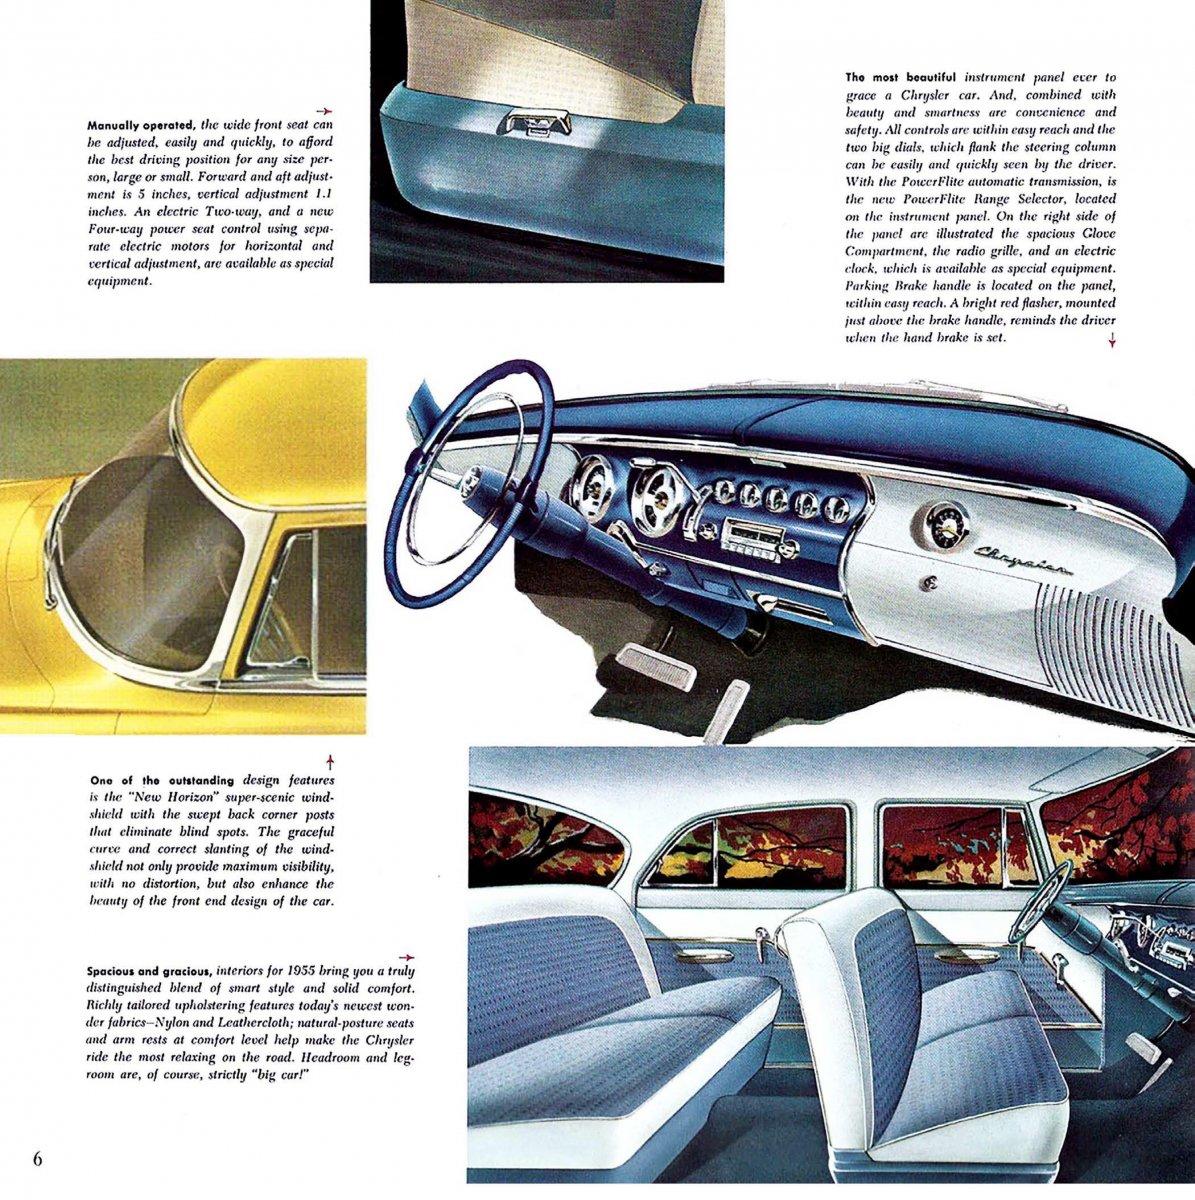 1955_Chrysler_Windsor_Brochure_1-16_06.jpg